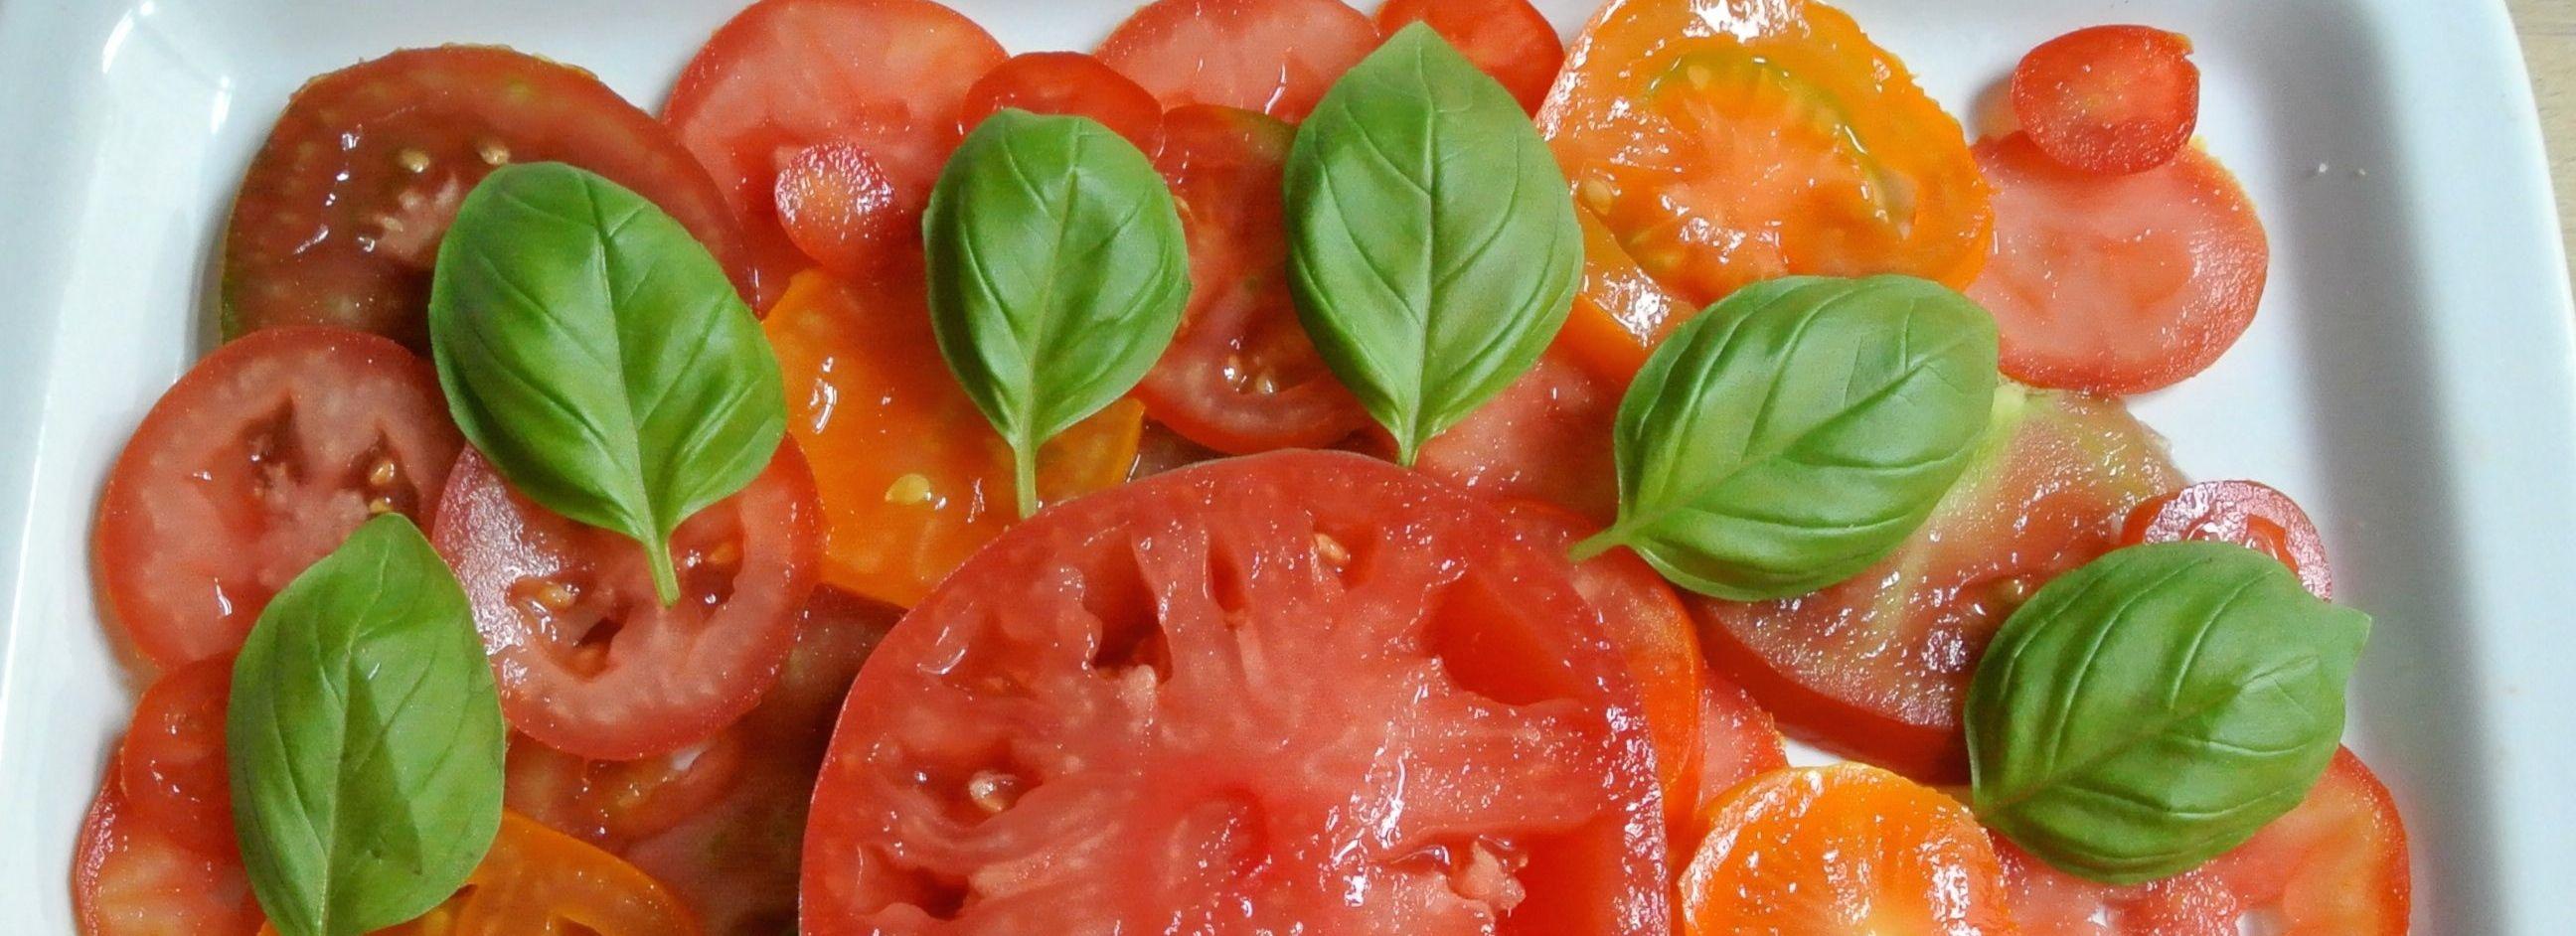 Tomaten(C)LisaVockenhuber